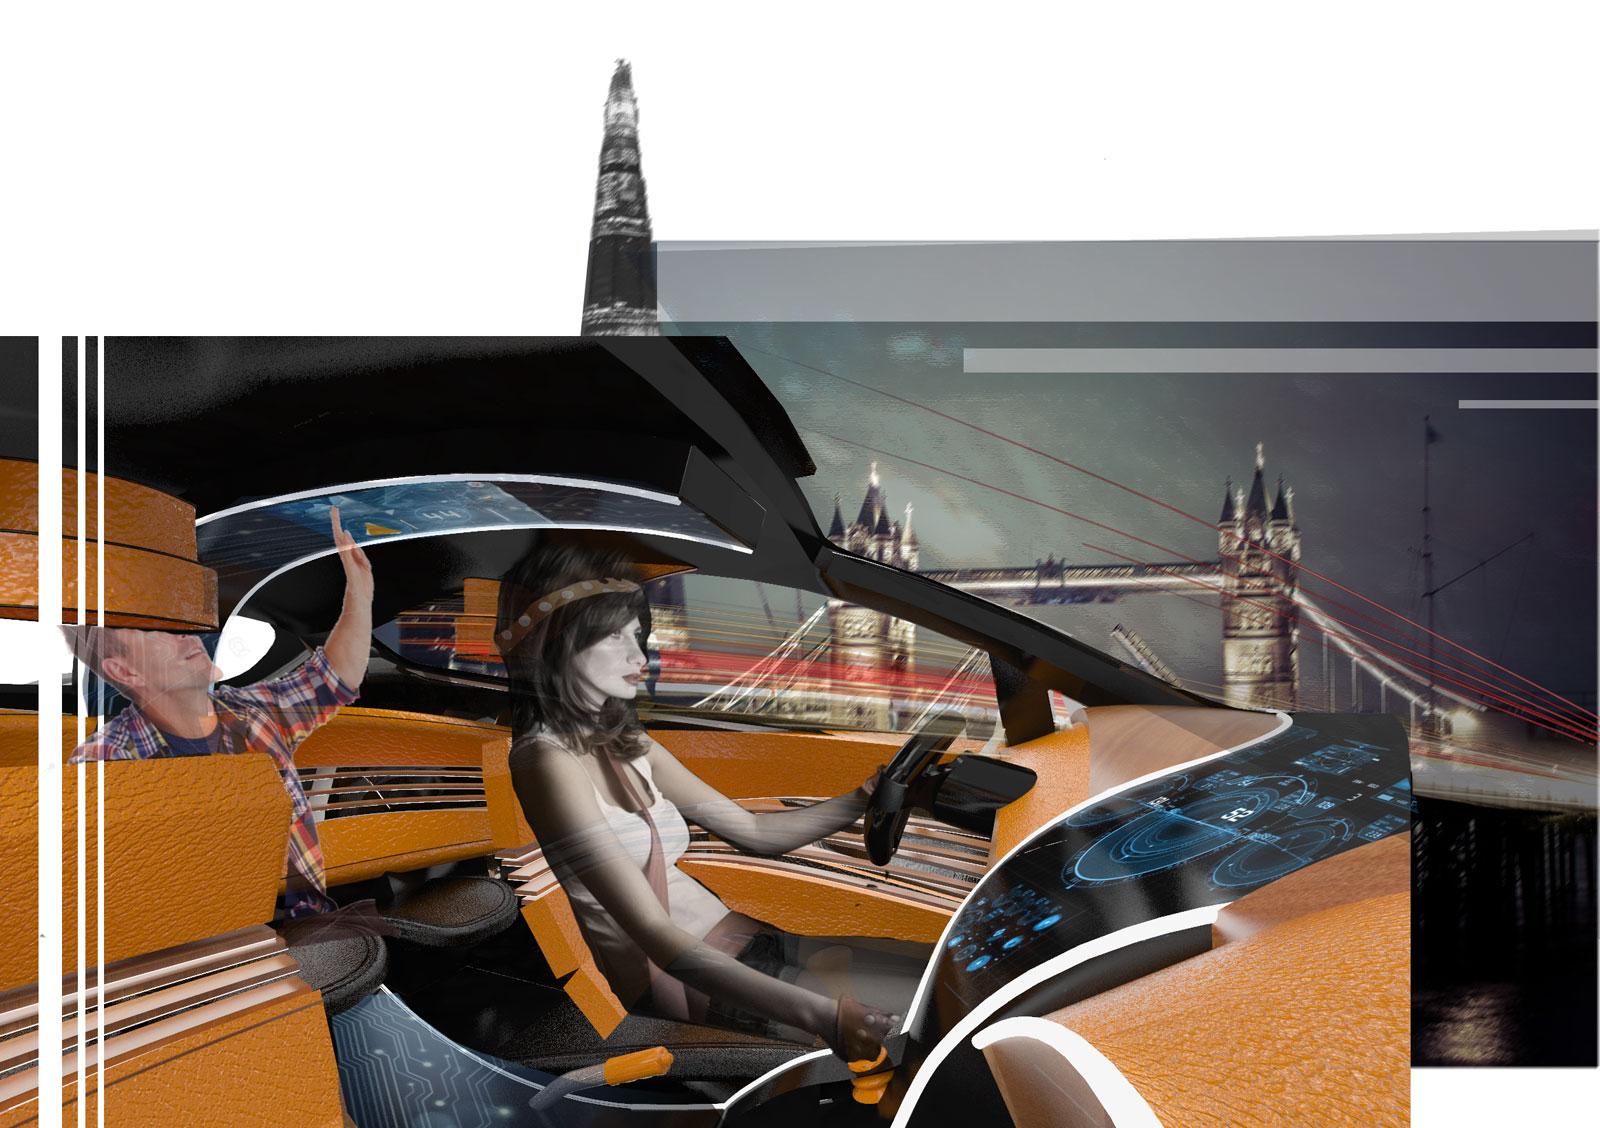 Ford Fiesta Interior Design Workshop Dies Nox Concept Car Body Design